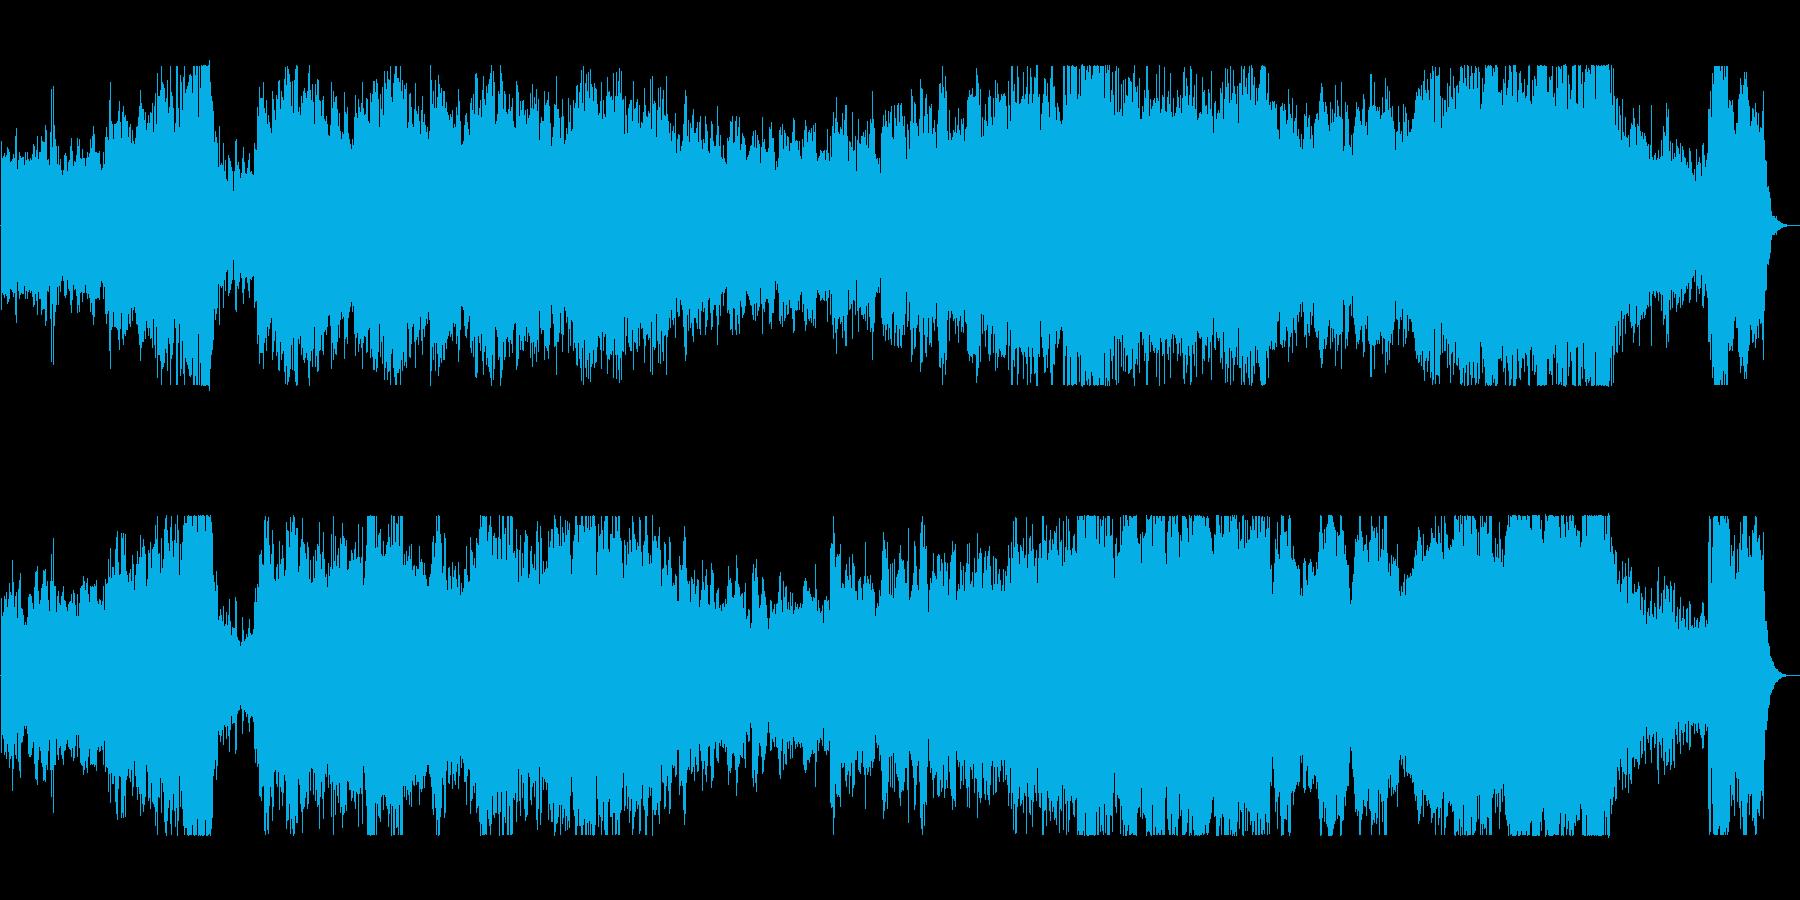 壮大で迫力のある管楽器シンセサウンドの再生済みの波形